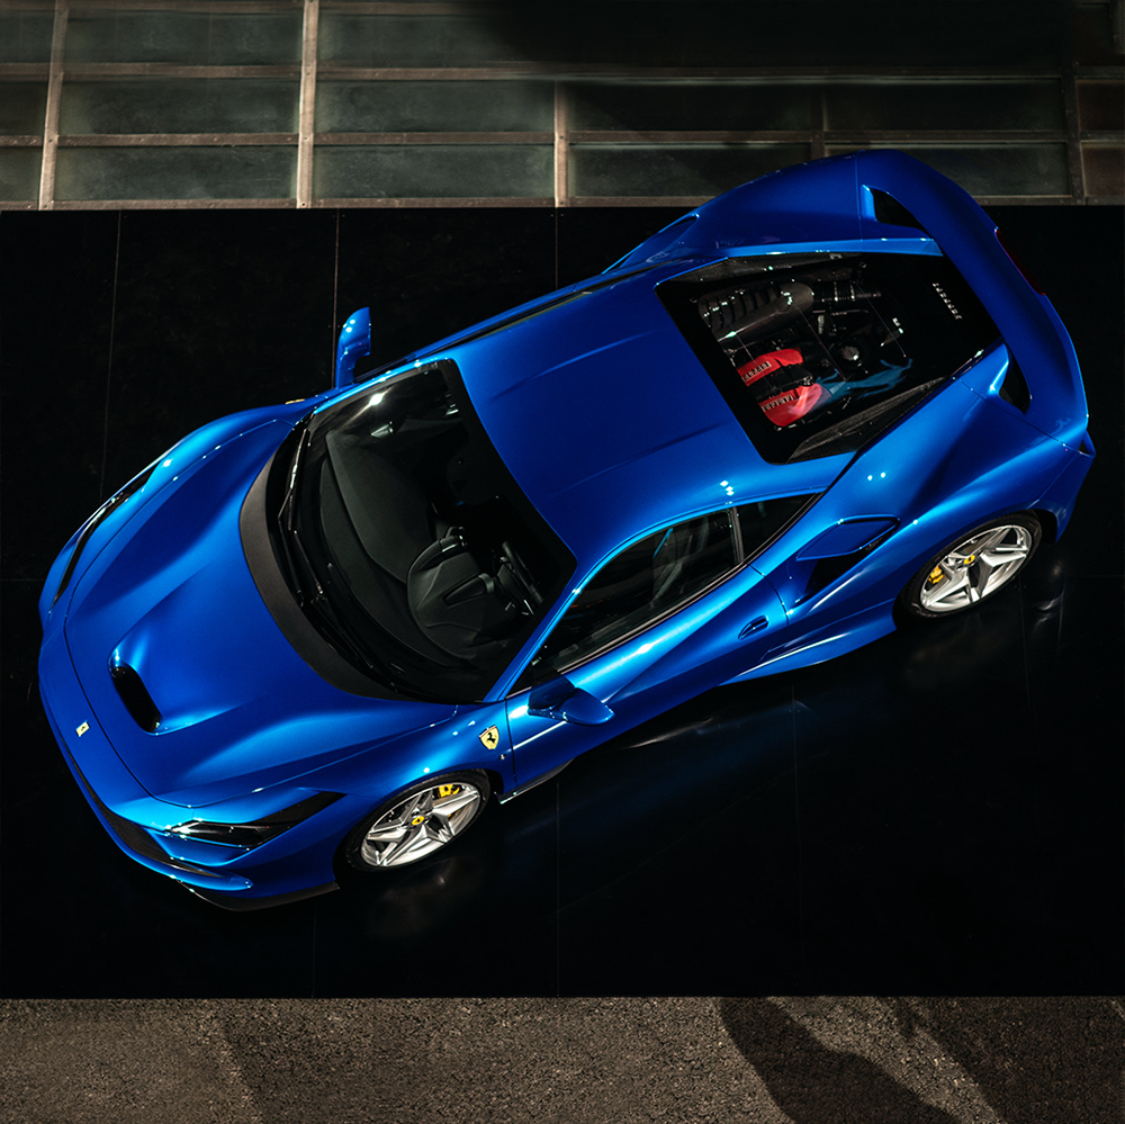 Immagini F8 Tributo Ferrari: Ferrari F8 Tributo